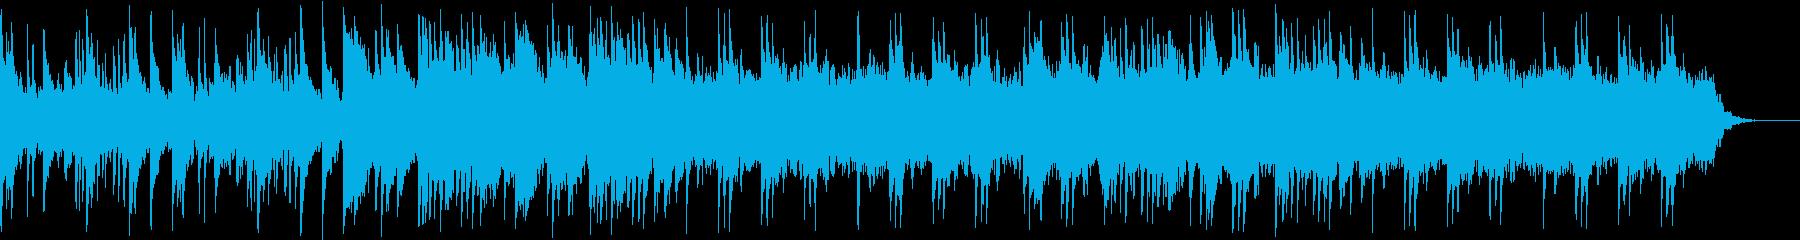 ピアノ/しんみり/夢の中/回想/感動の再生済みの波形